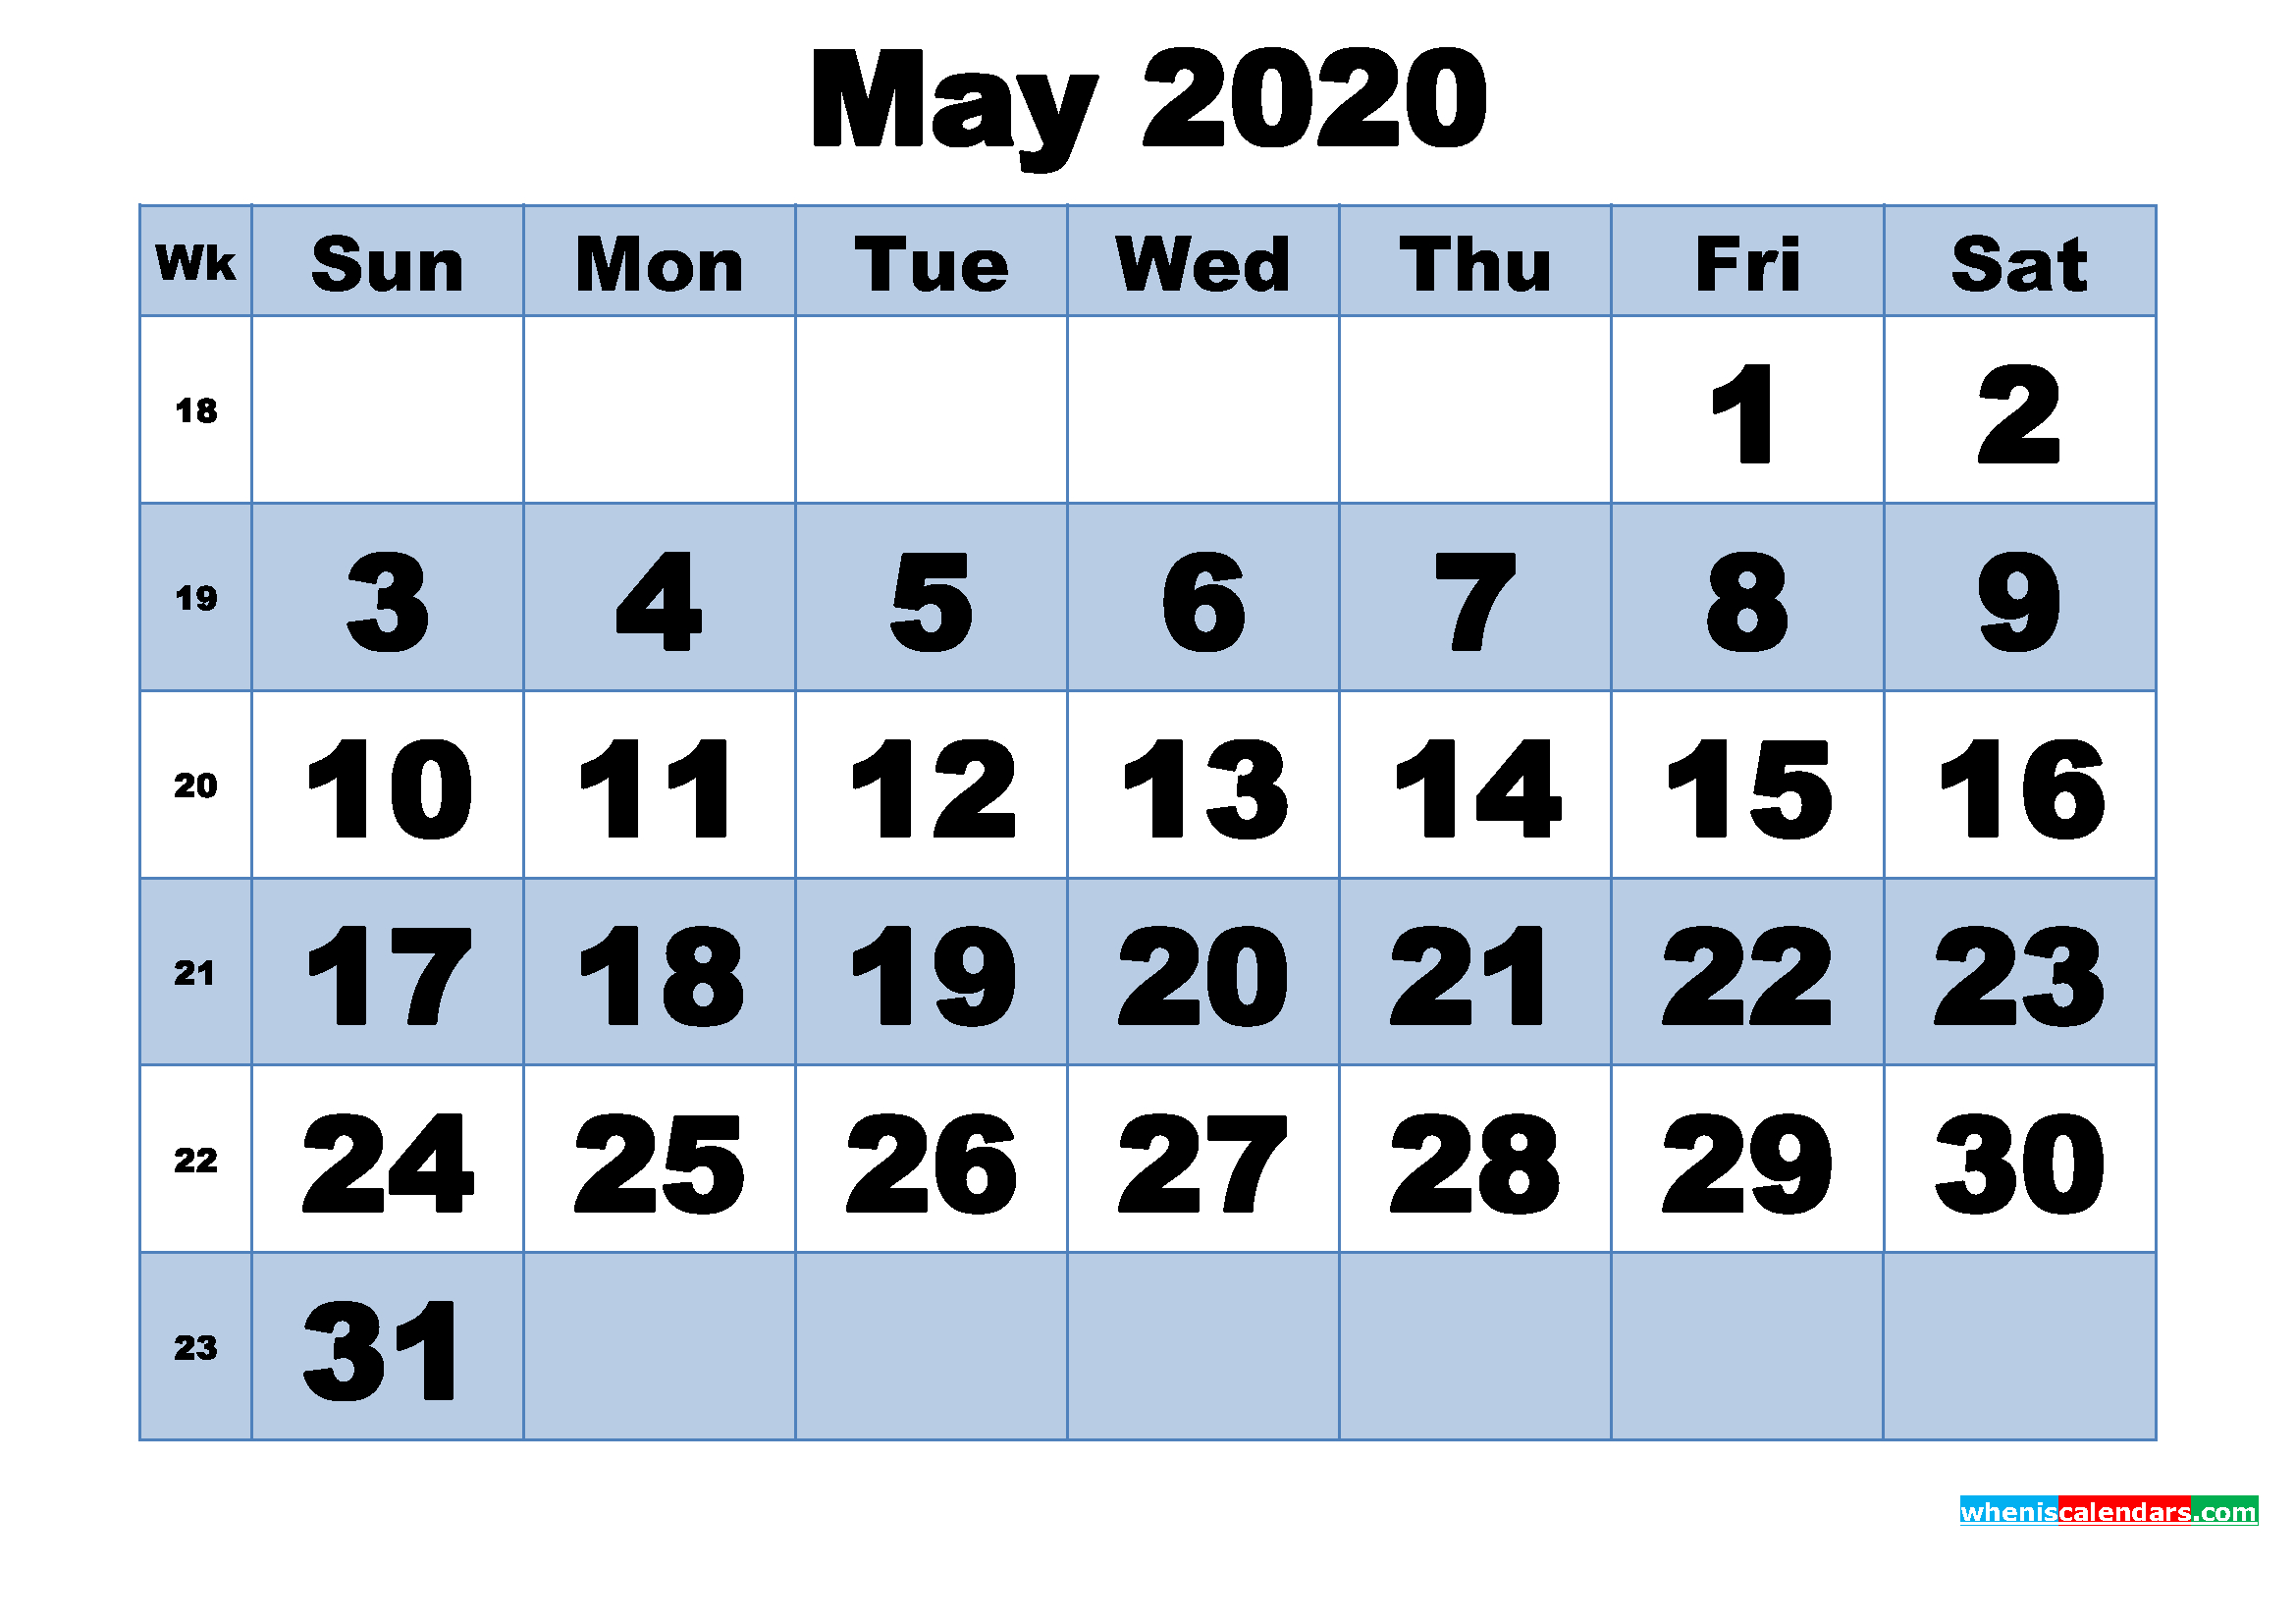 Free Printable May 2020 Calendar With Week Numbers Printable Calendar Numbers 1-31 May